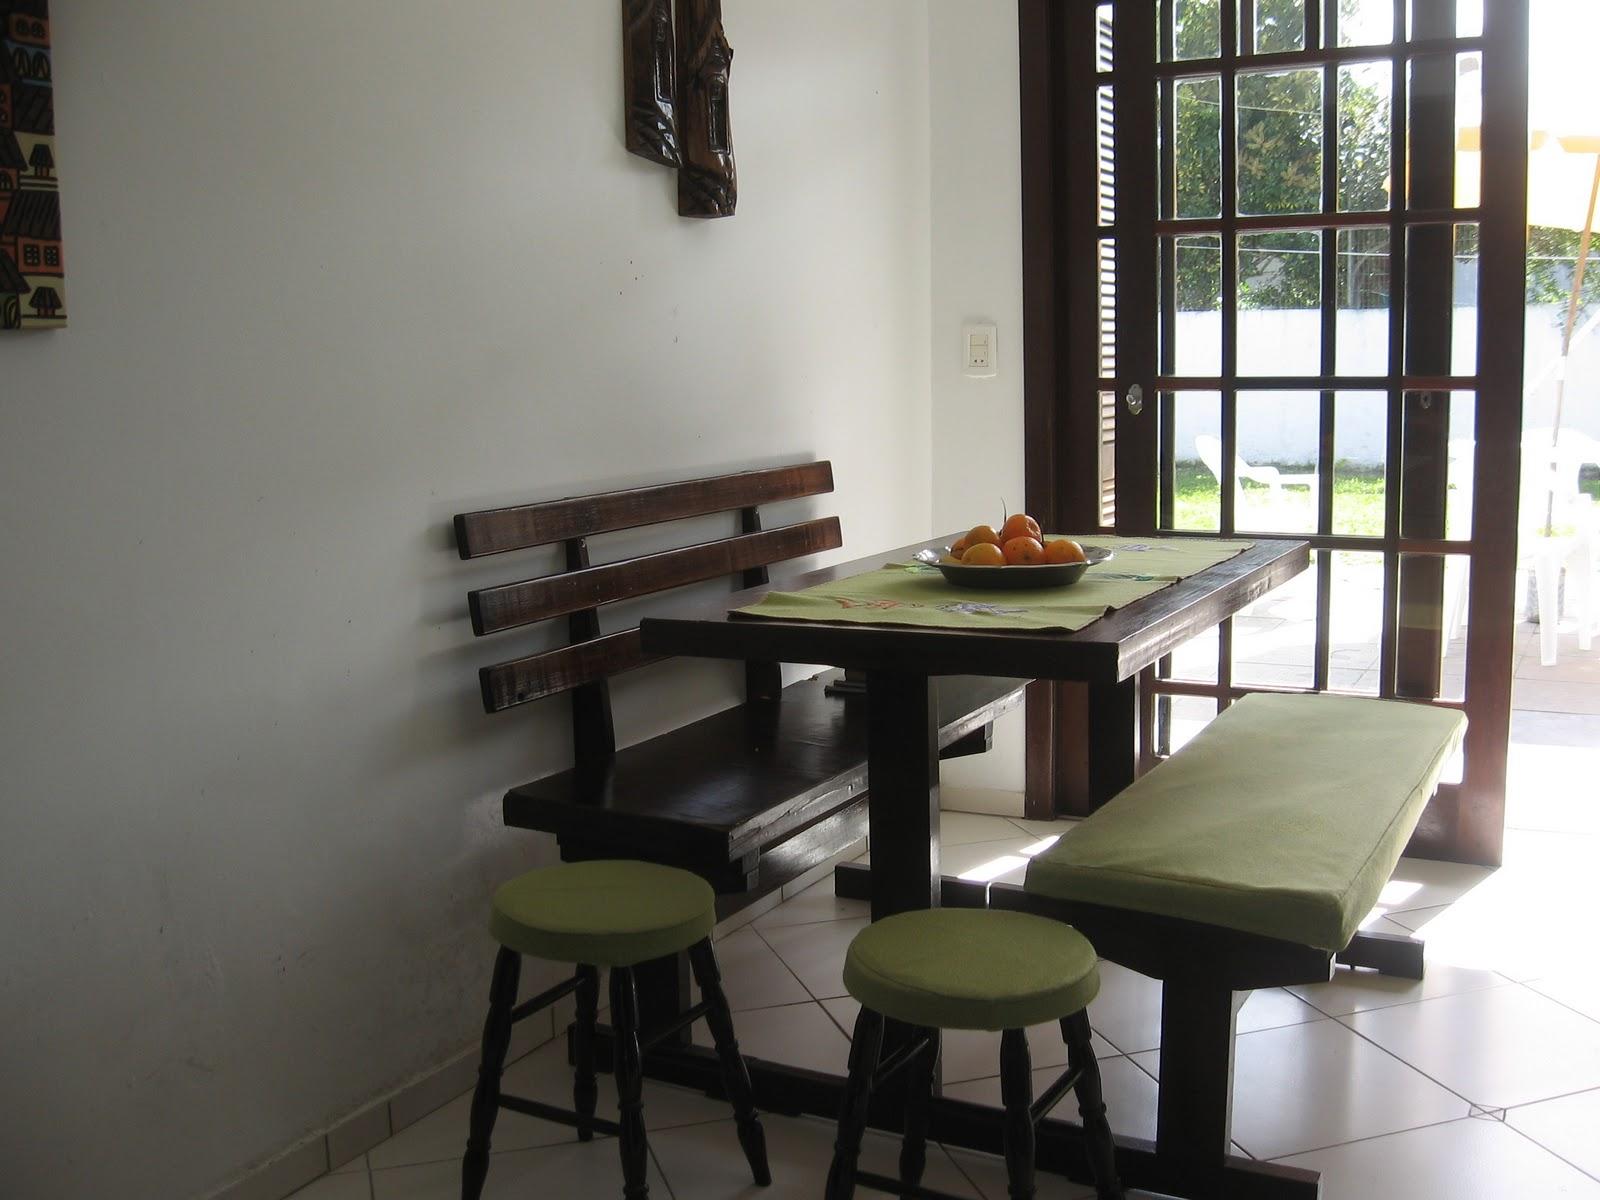 em Capão Novo RS: Cozinha estilo americana e mesa para churrasco #5C4D43 1600 1200